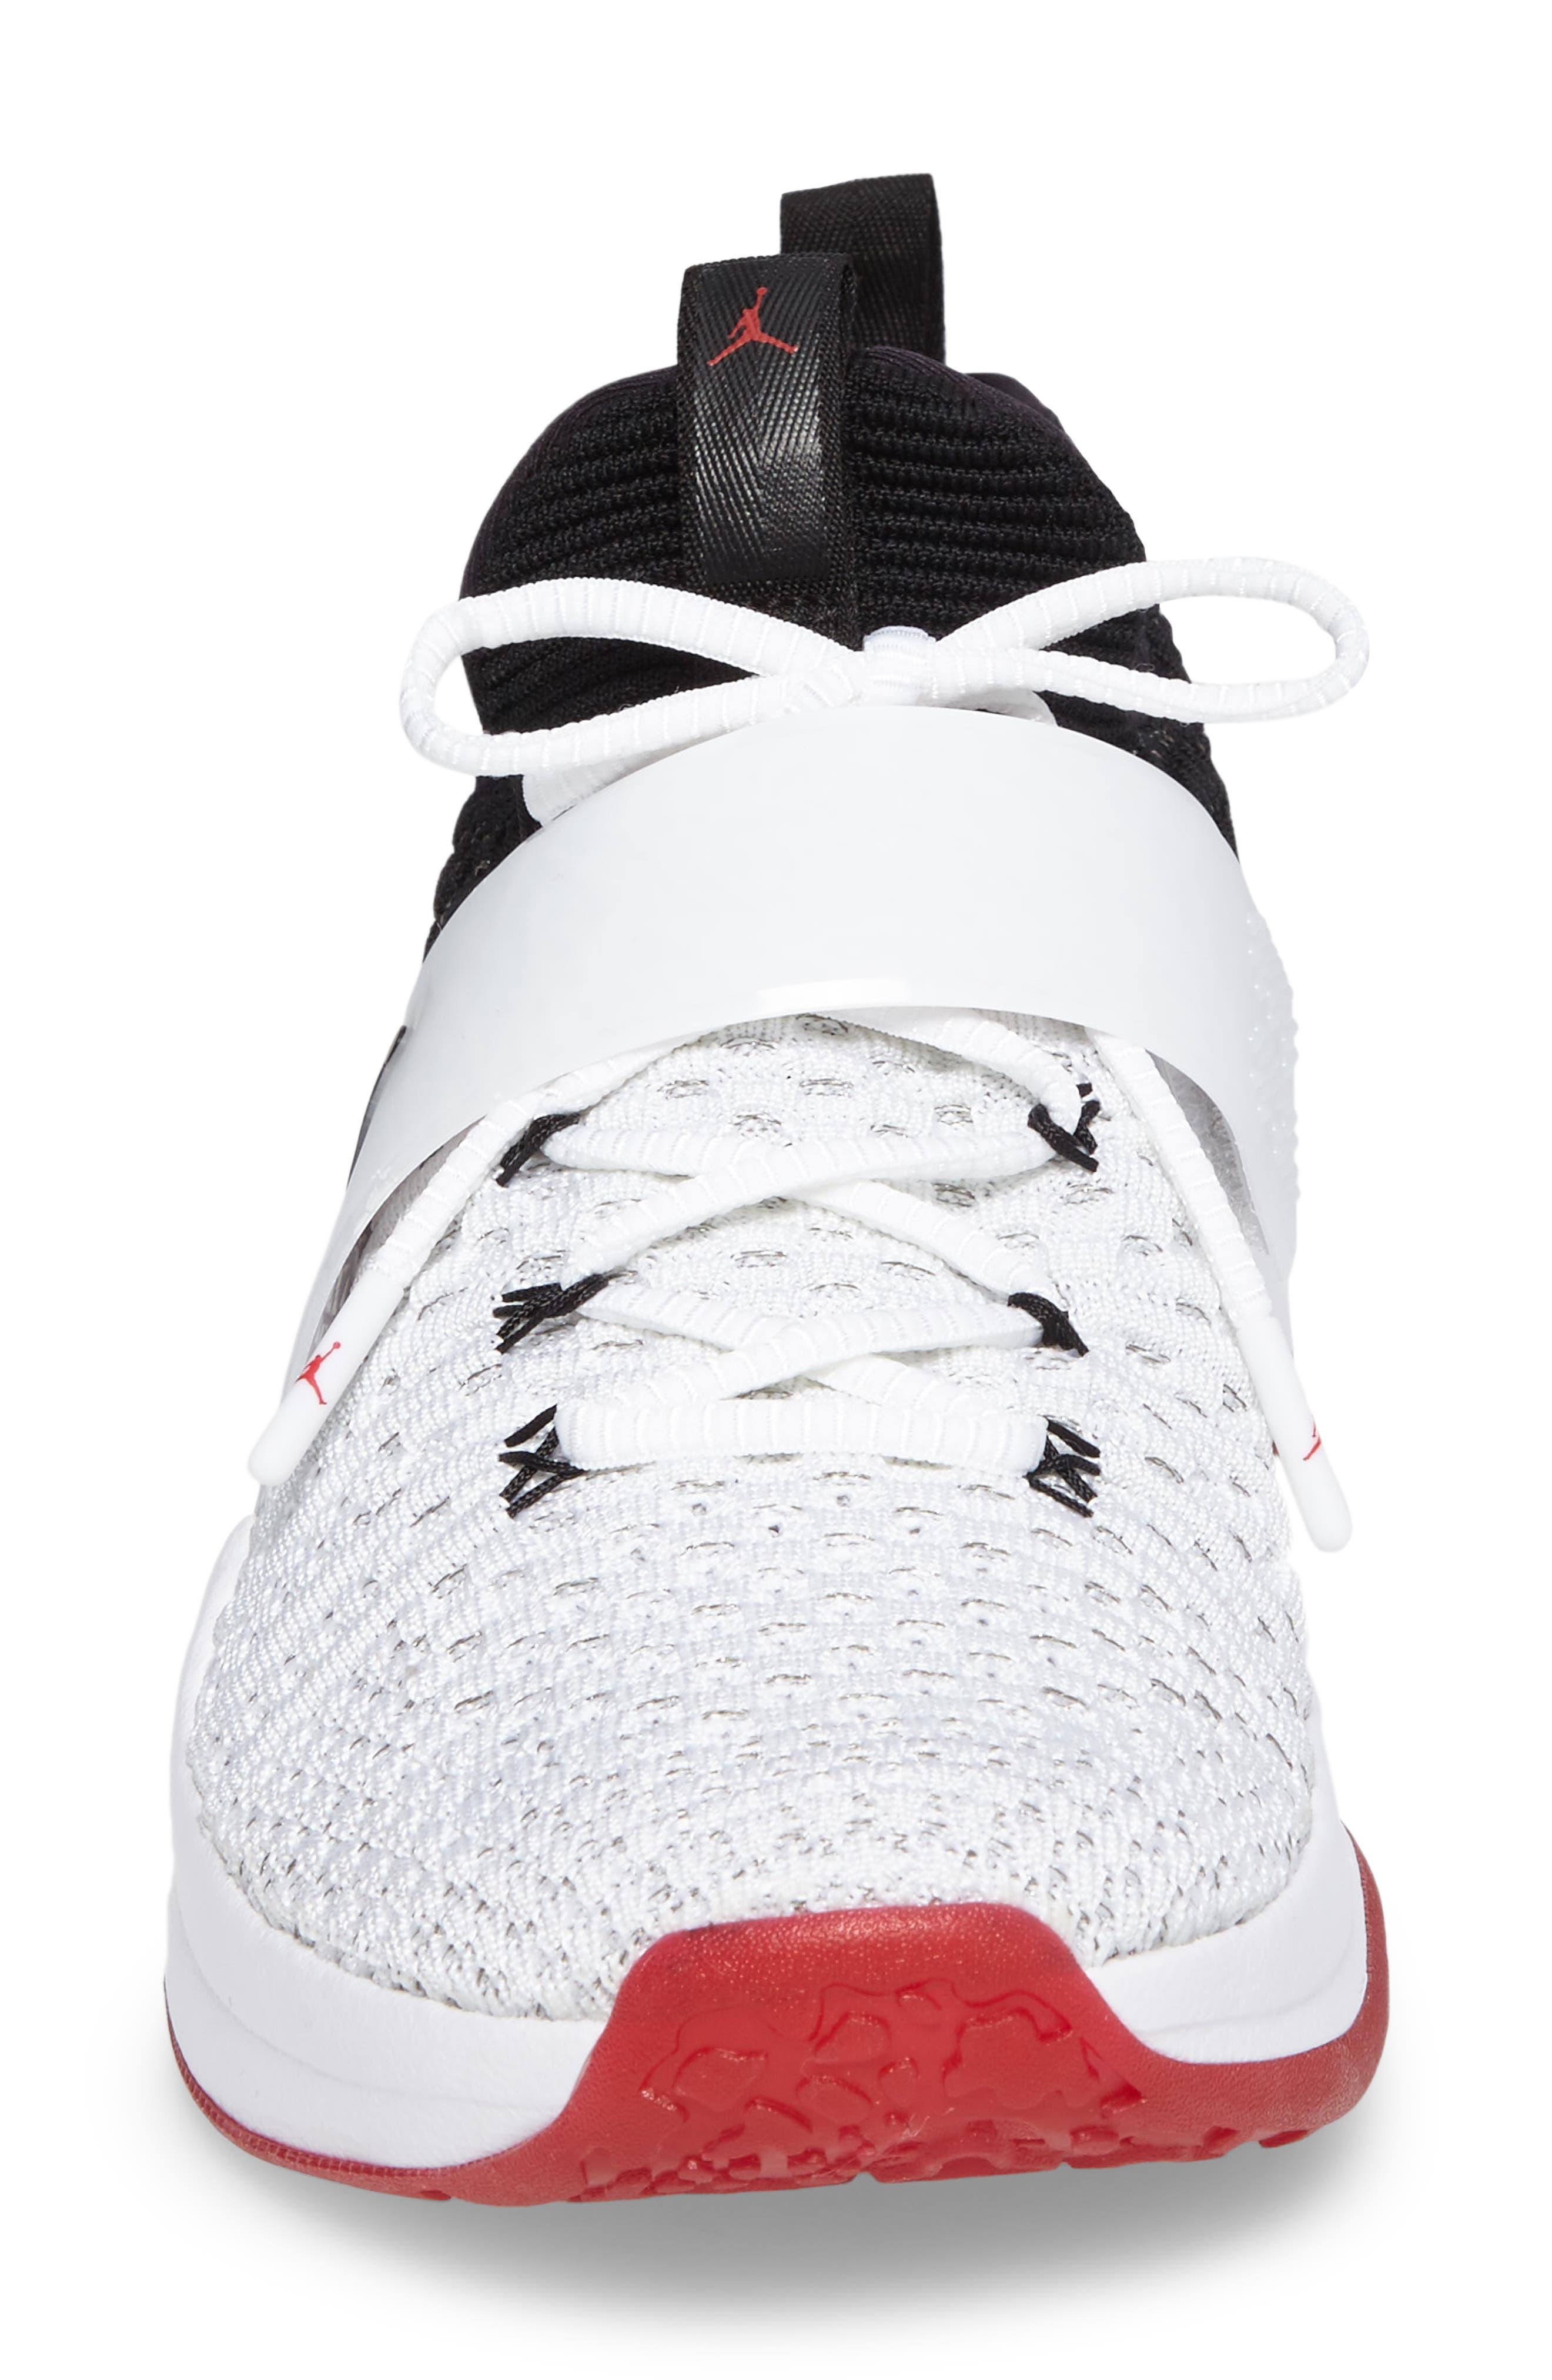 Jordan Flyknit Trainer 2 Low Sneaker,                             Alternate thumbnail 4, color,                             WHITE/ BLACK/ BLACK/ GYM RED